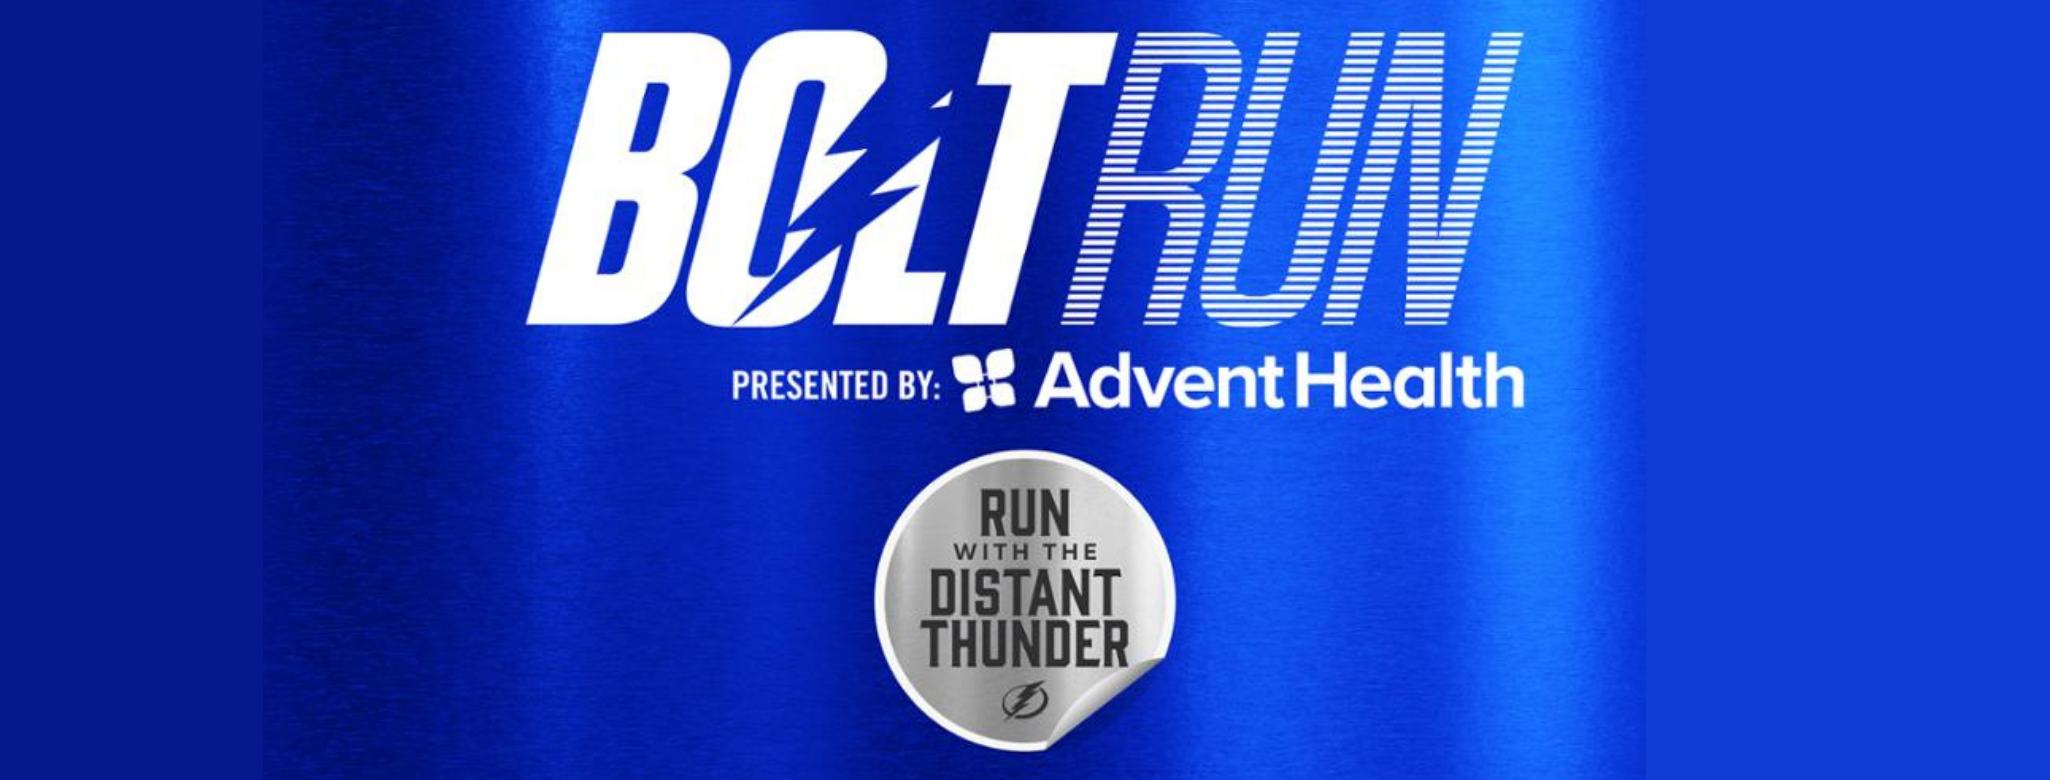 Bolt Run